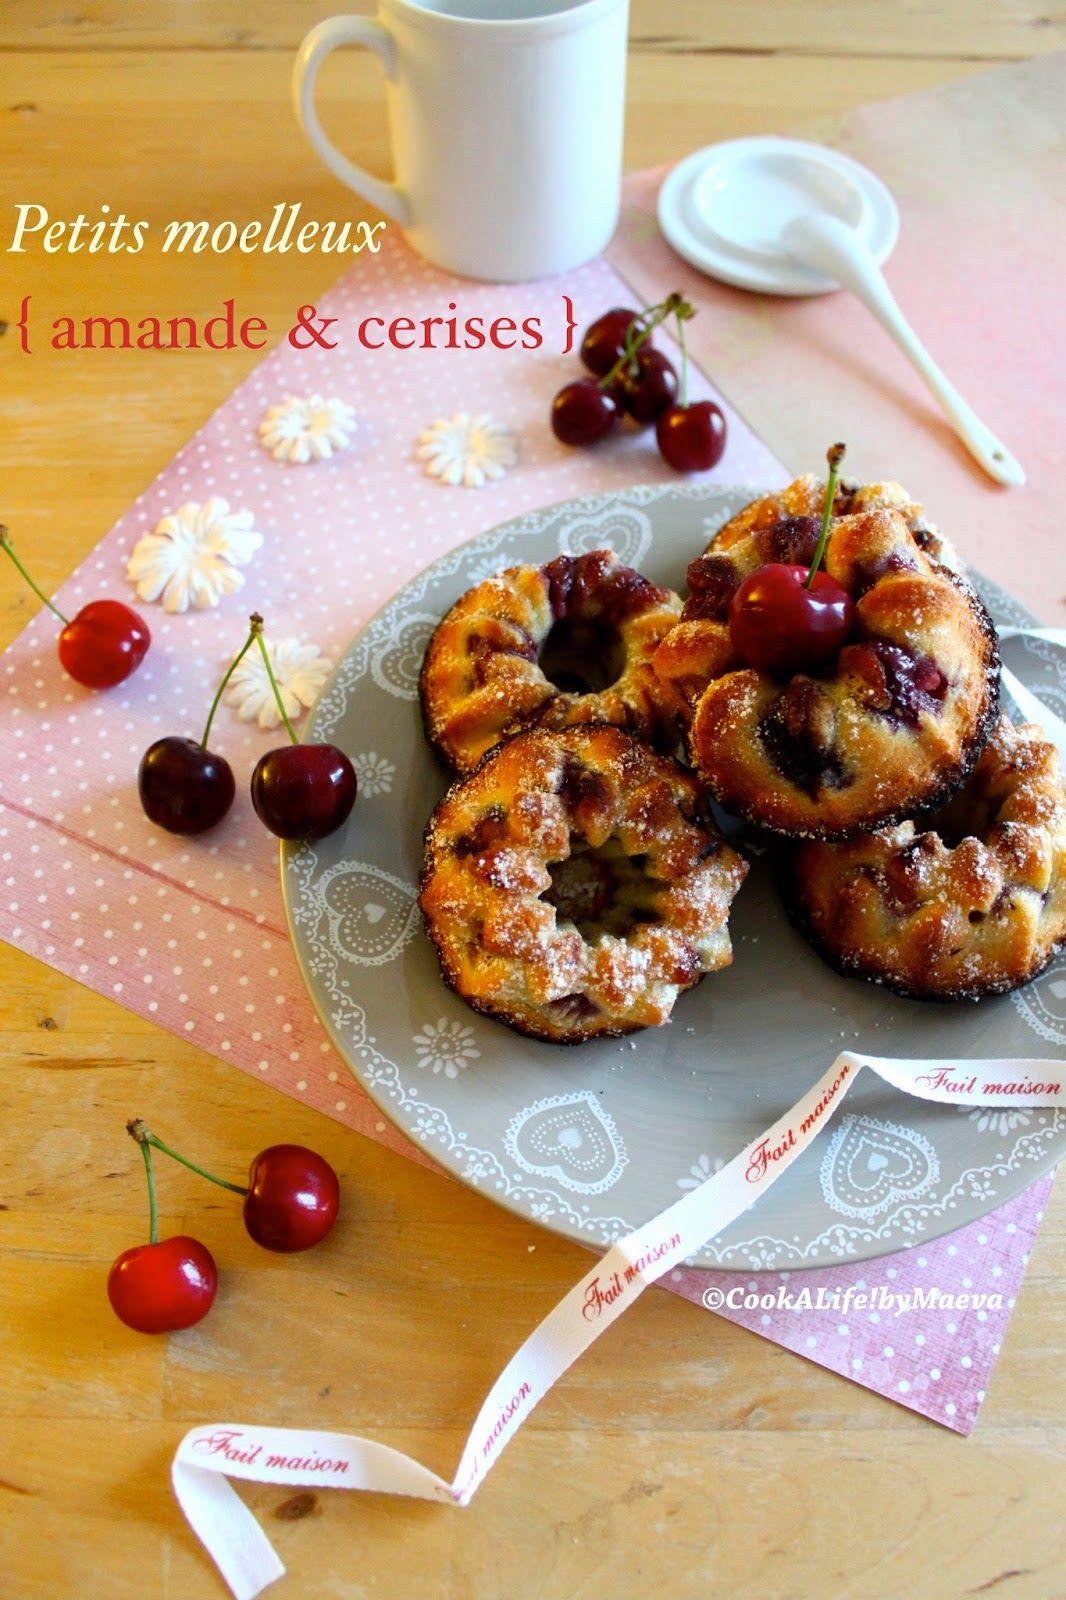 Petits moelleux { amande, fleur d'oranger et cerises } / Little moist cakes { almond, orange blossom and cherries }